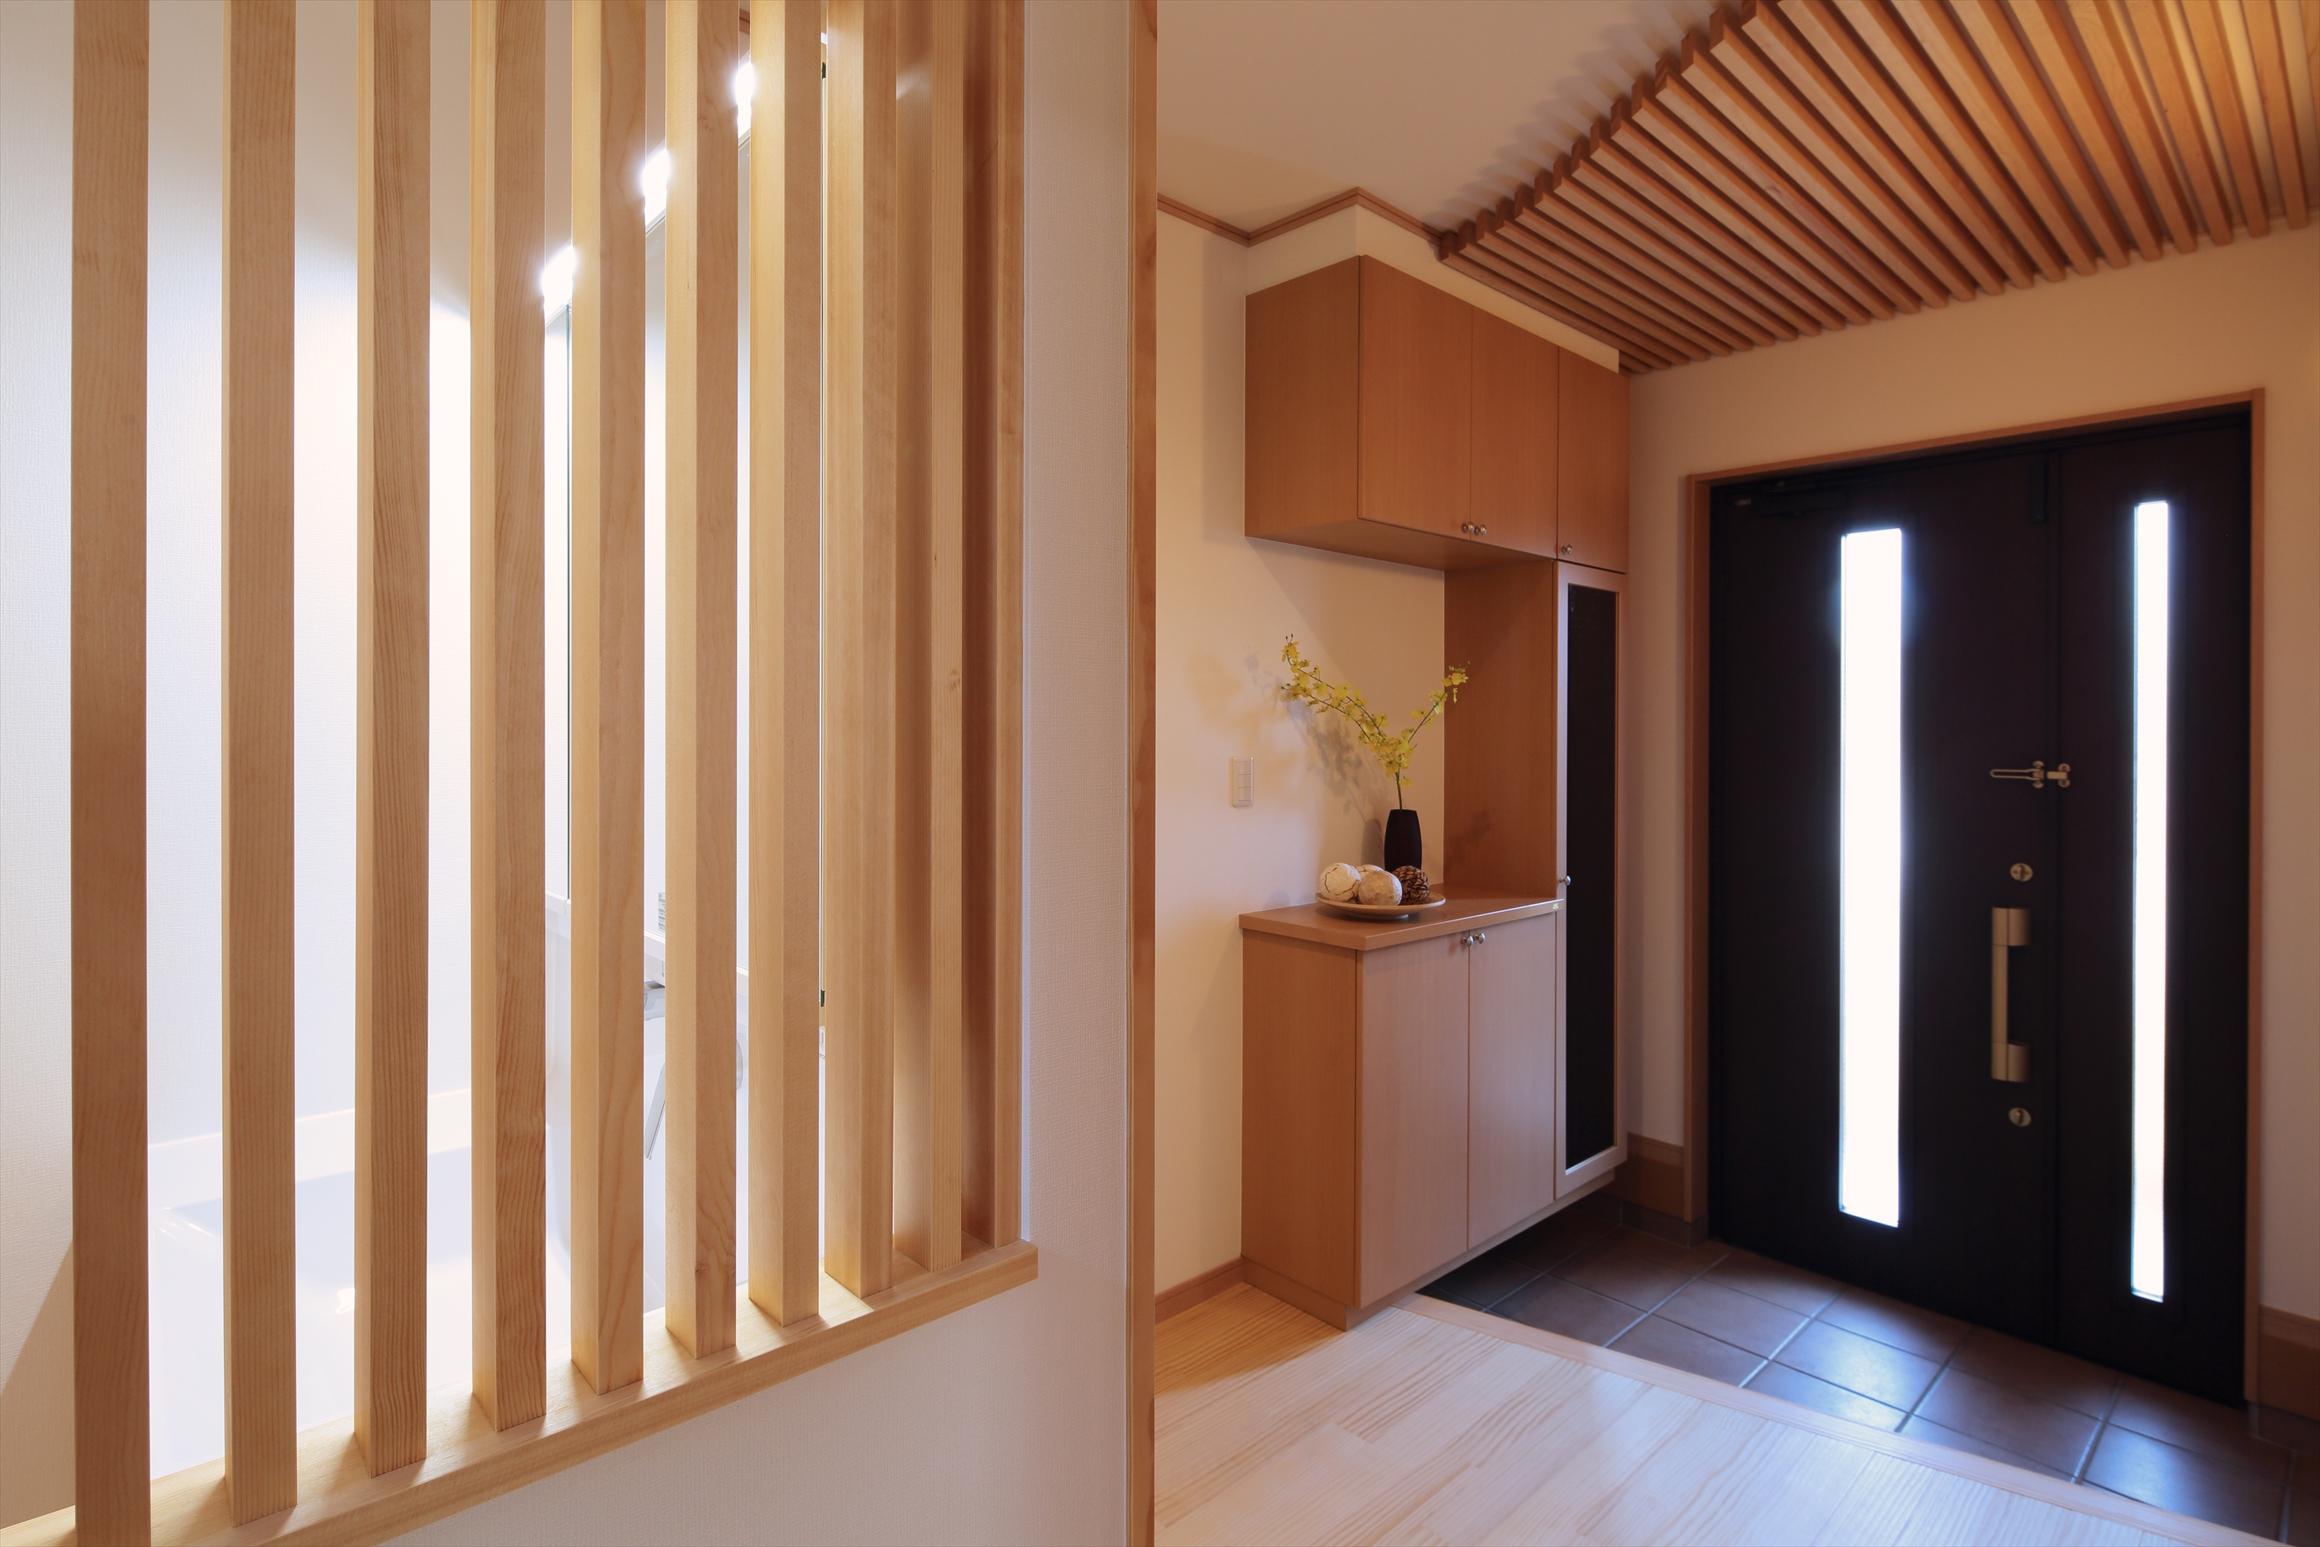 三友工務店のリフォーム・リノベーション事例 熊本市中央区T様邸